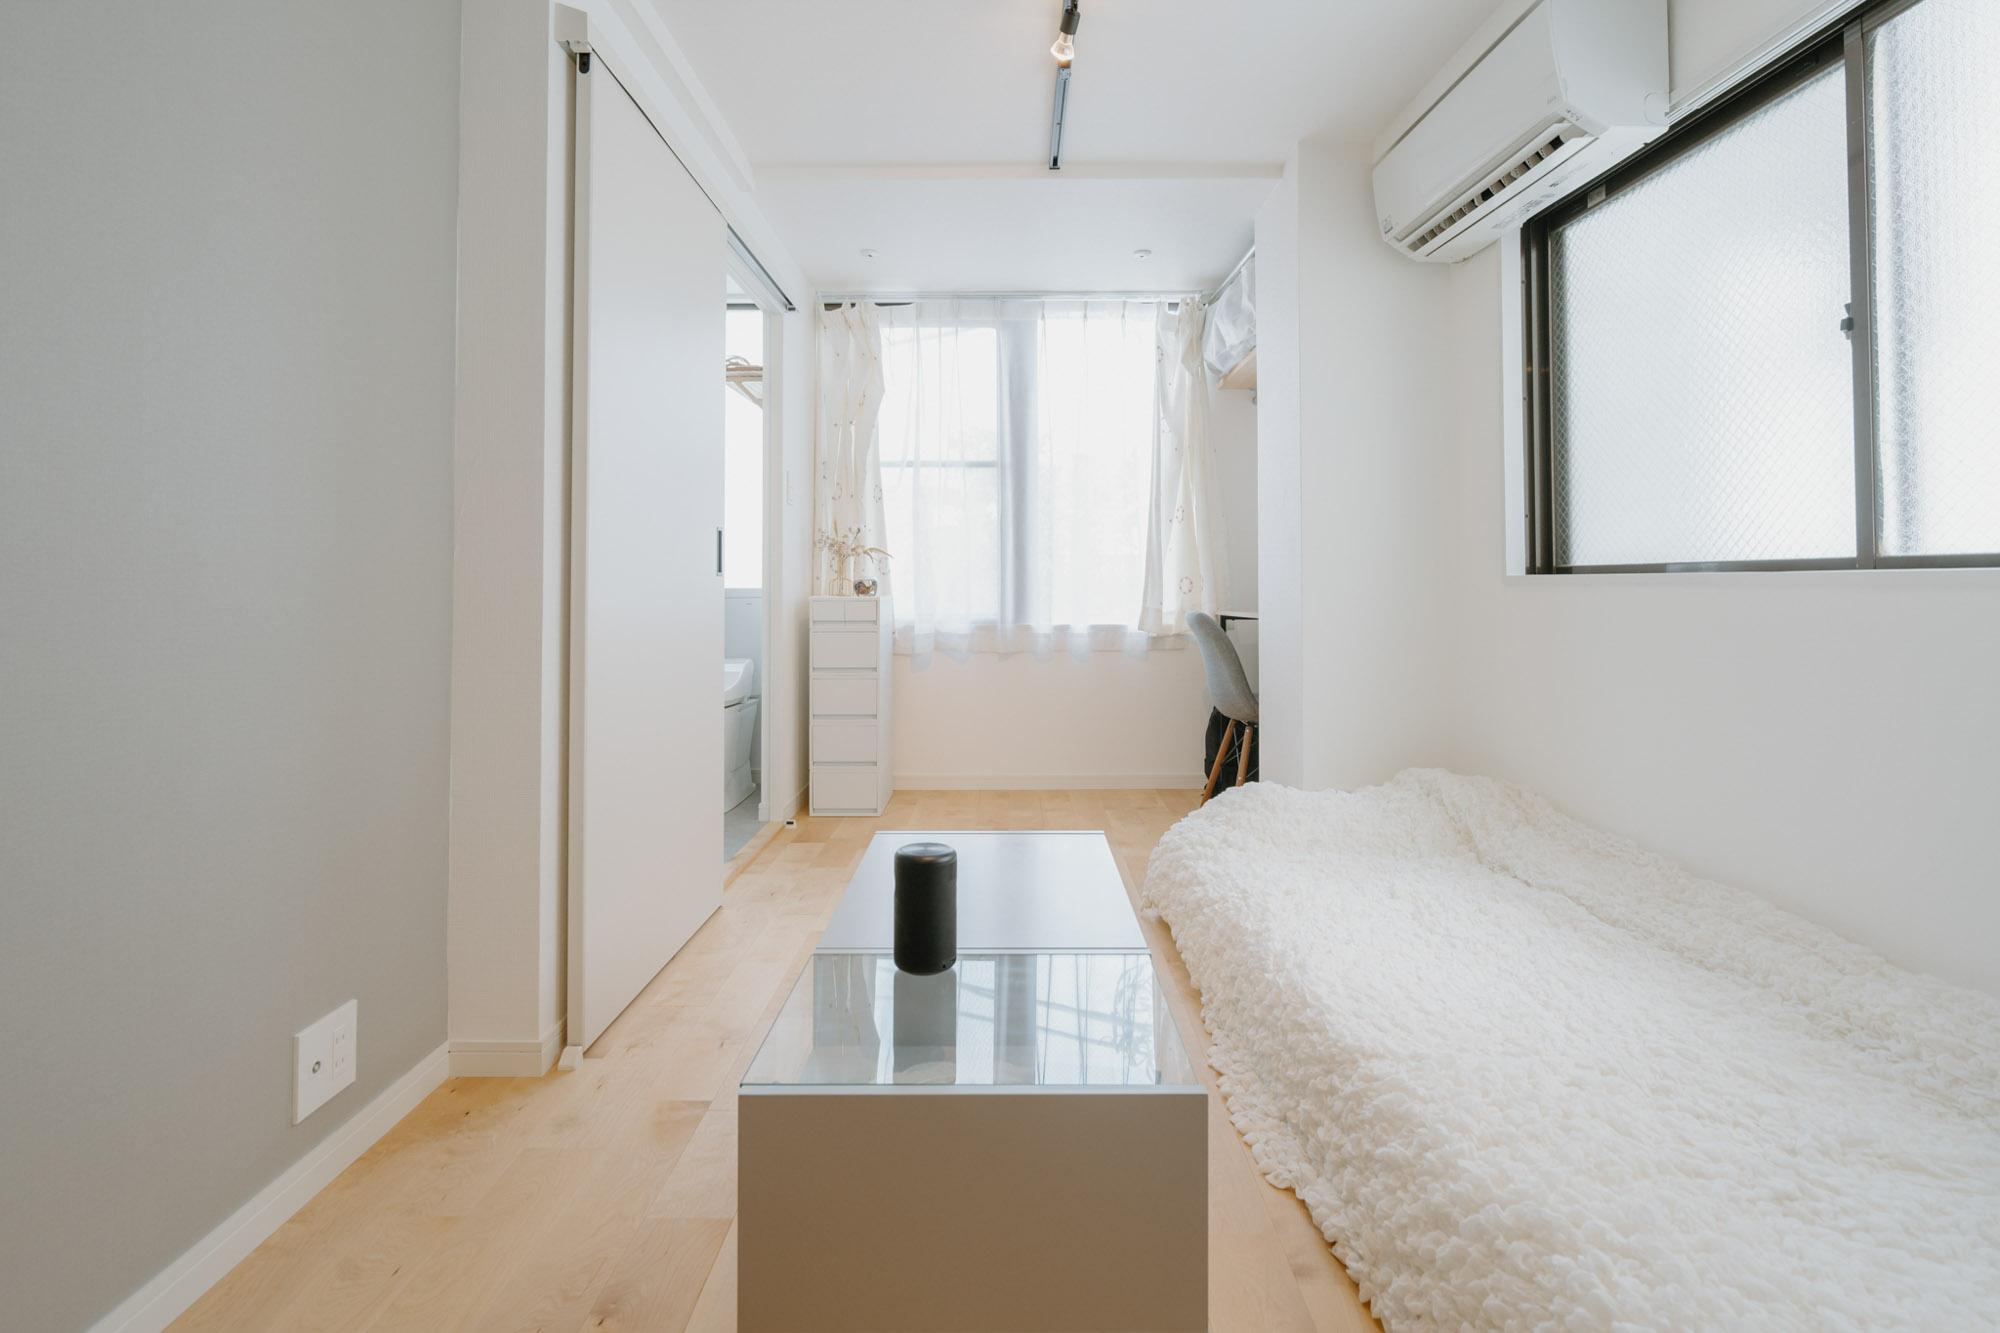 持たない暮らしのための空間は、できるだけコンパクトな方がいい。17㎡一人暮らしのインテリア